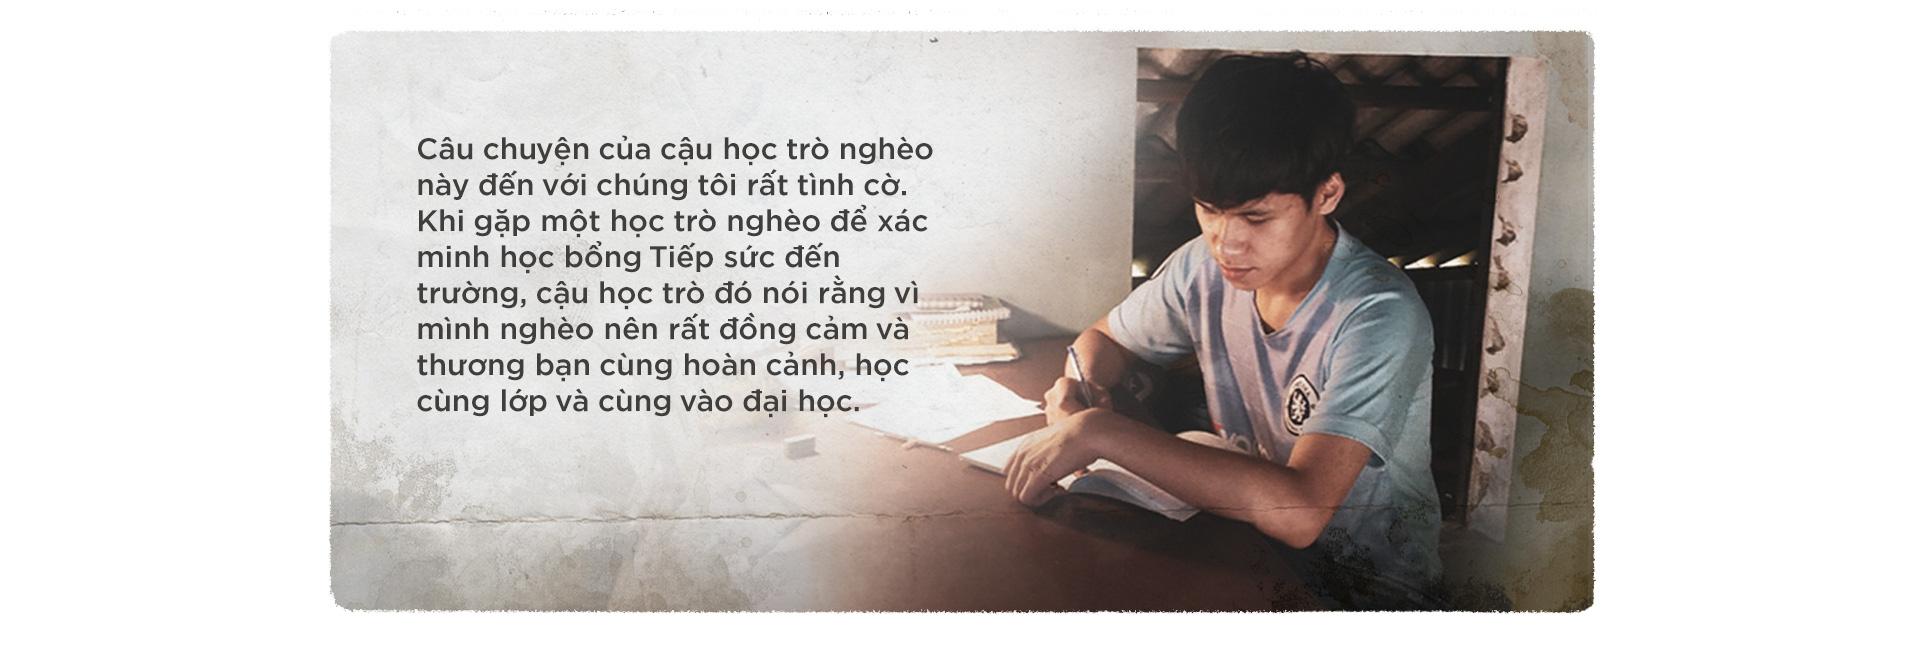 Tiếp sức đến trường: Dệt cói, trồng sắn và đeo đuổi ước mơ nghề nghiệp - Ảnh 4.